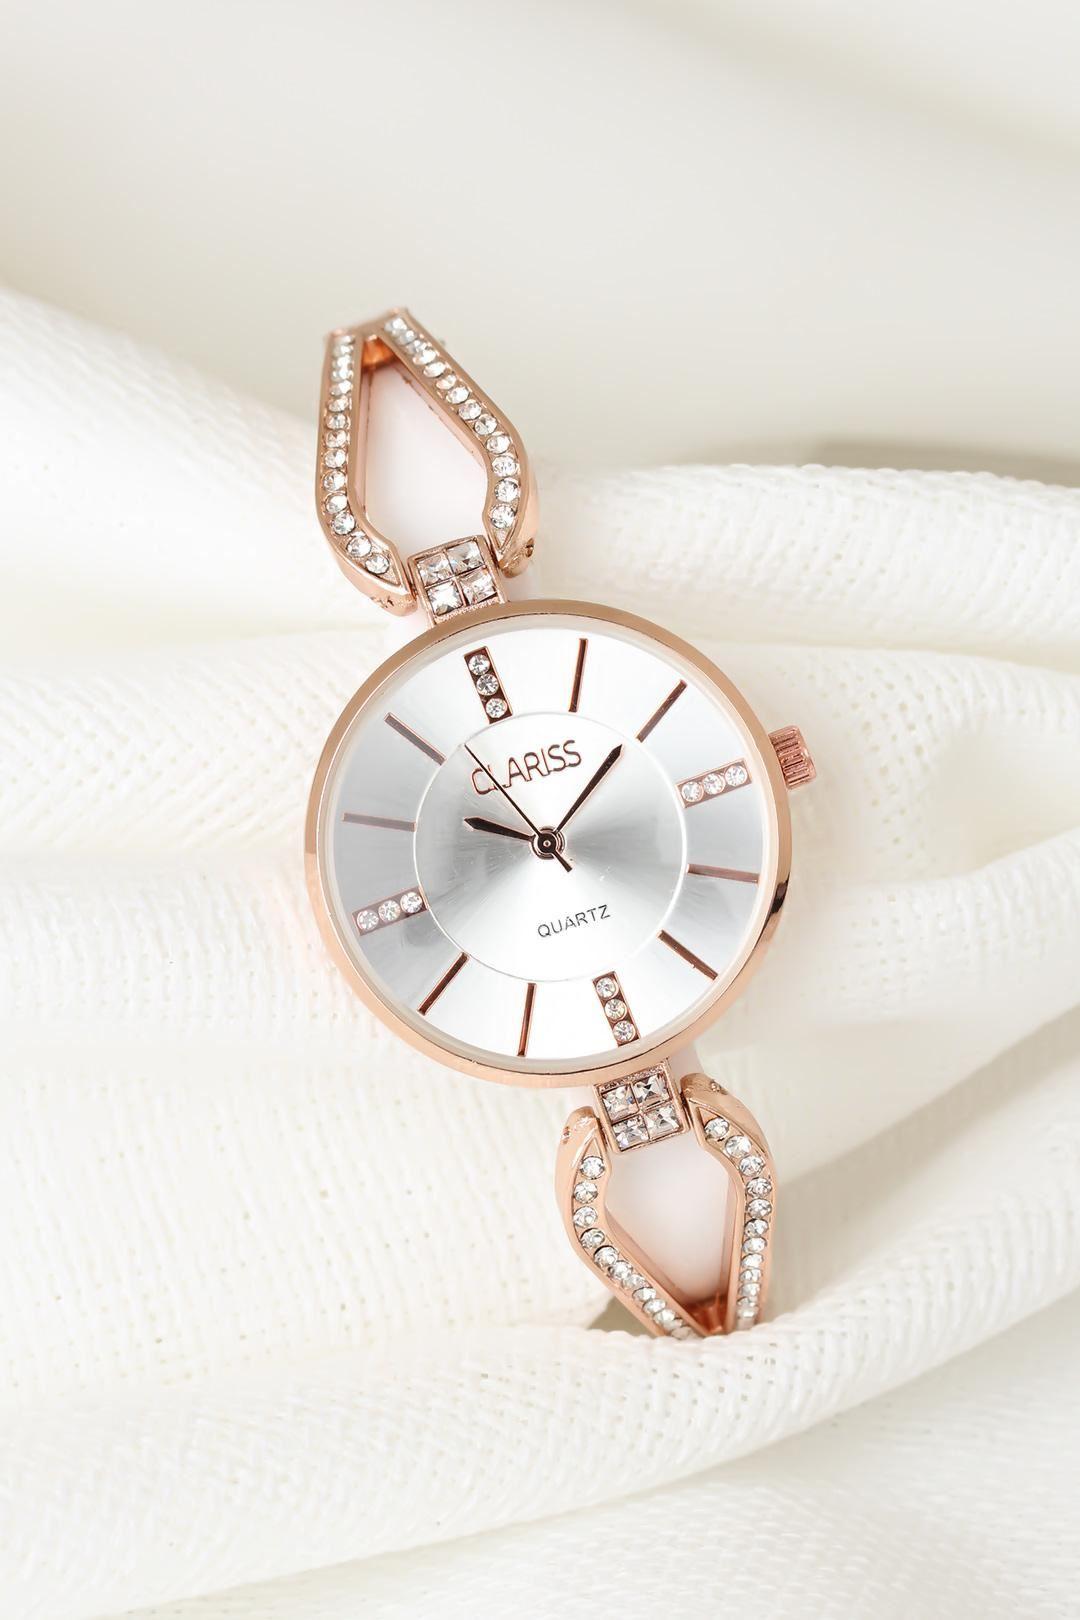 Rose Metal Taşlı Kordonlu Yeni Sezon Beyaz Renk İç Tasarımlı Bayan Clariss Marka Kol Saati